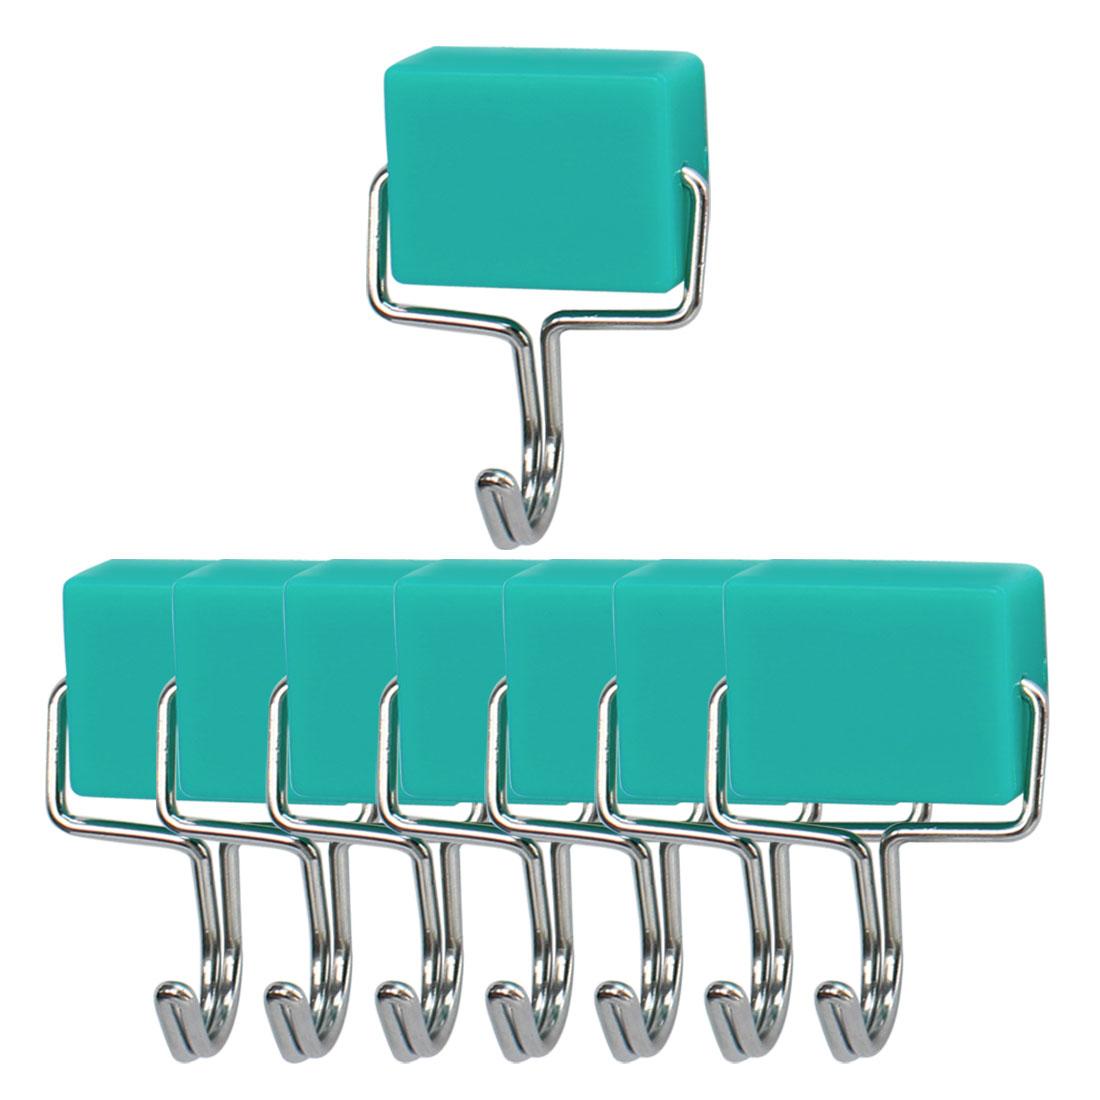 8pcs Magnetic Hook Stainless Steel Wall Hooks Hanger for Coat Hat Holder Green